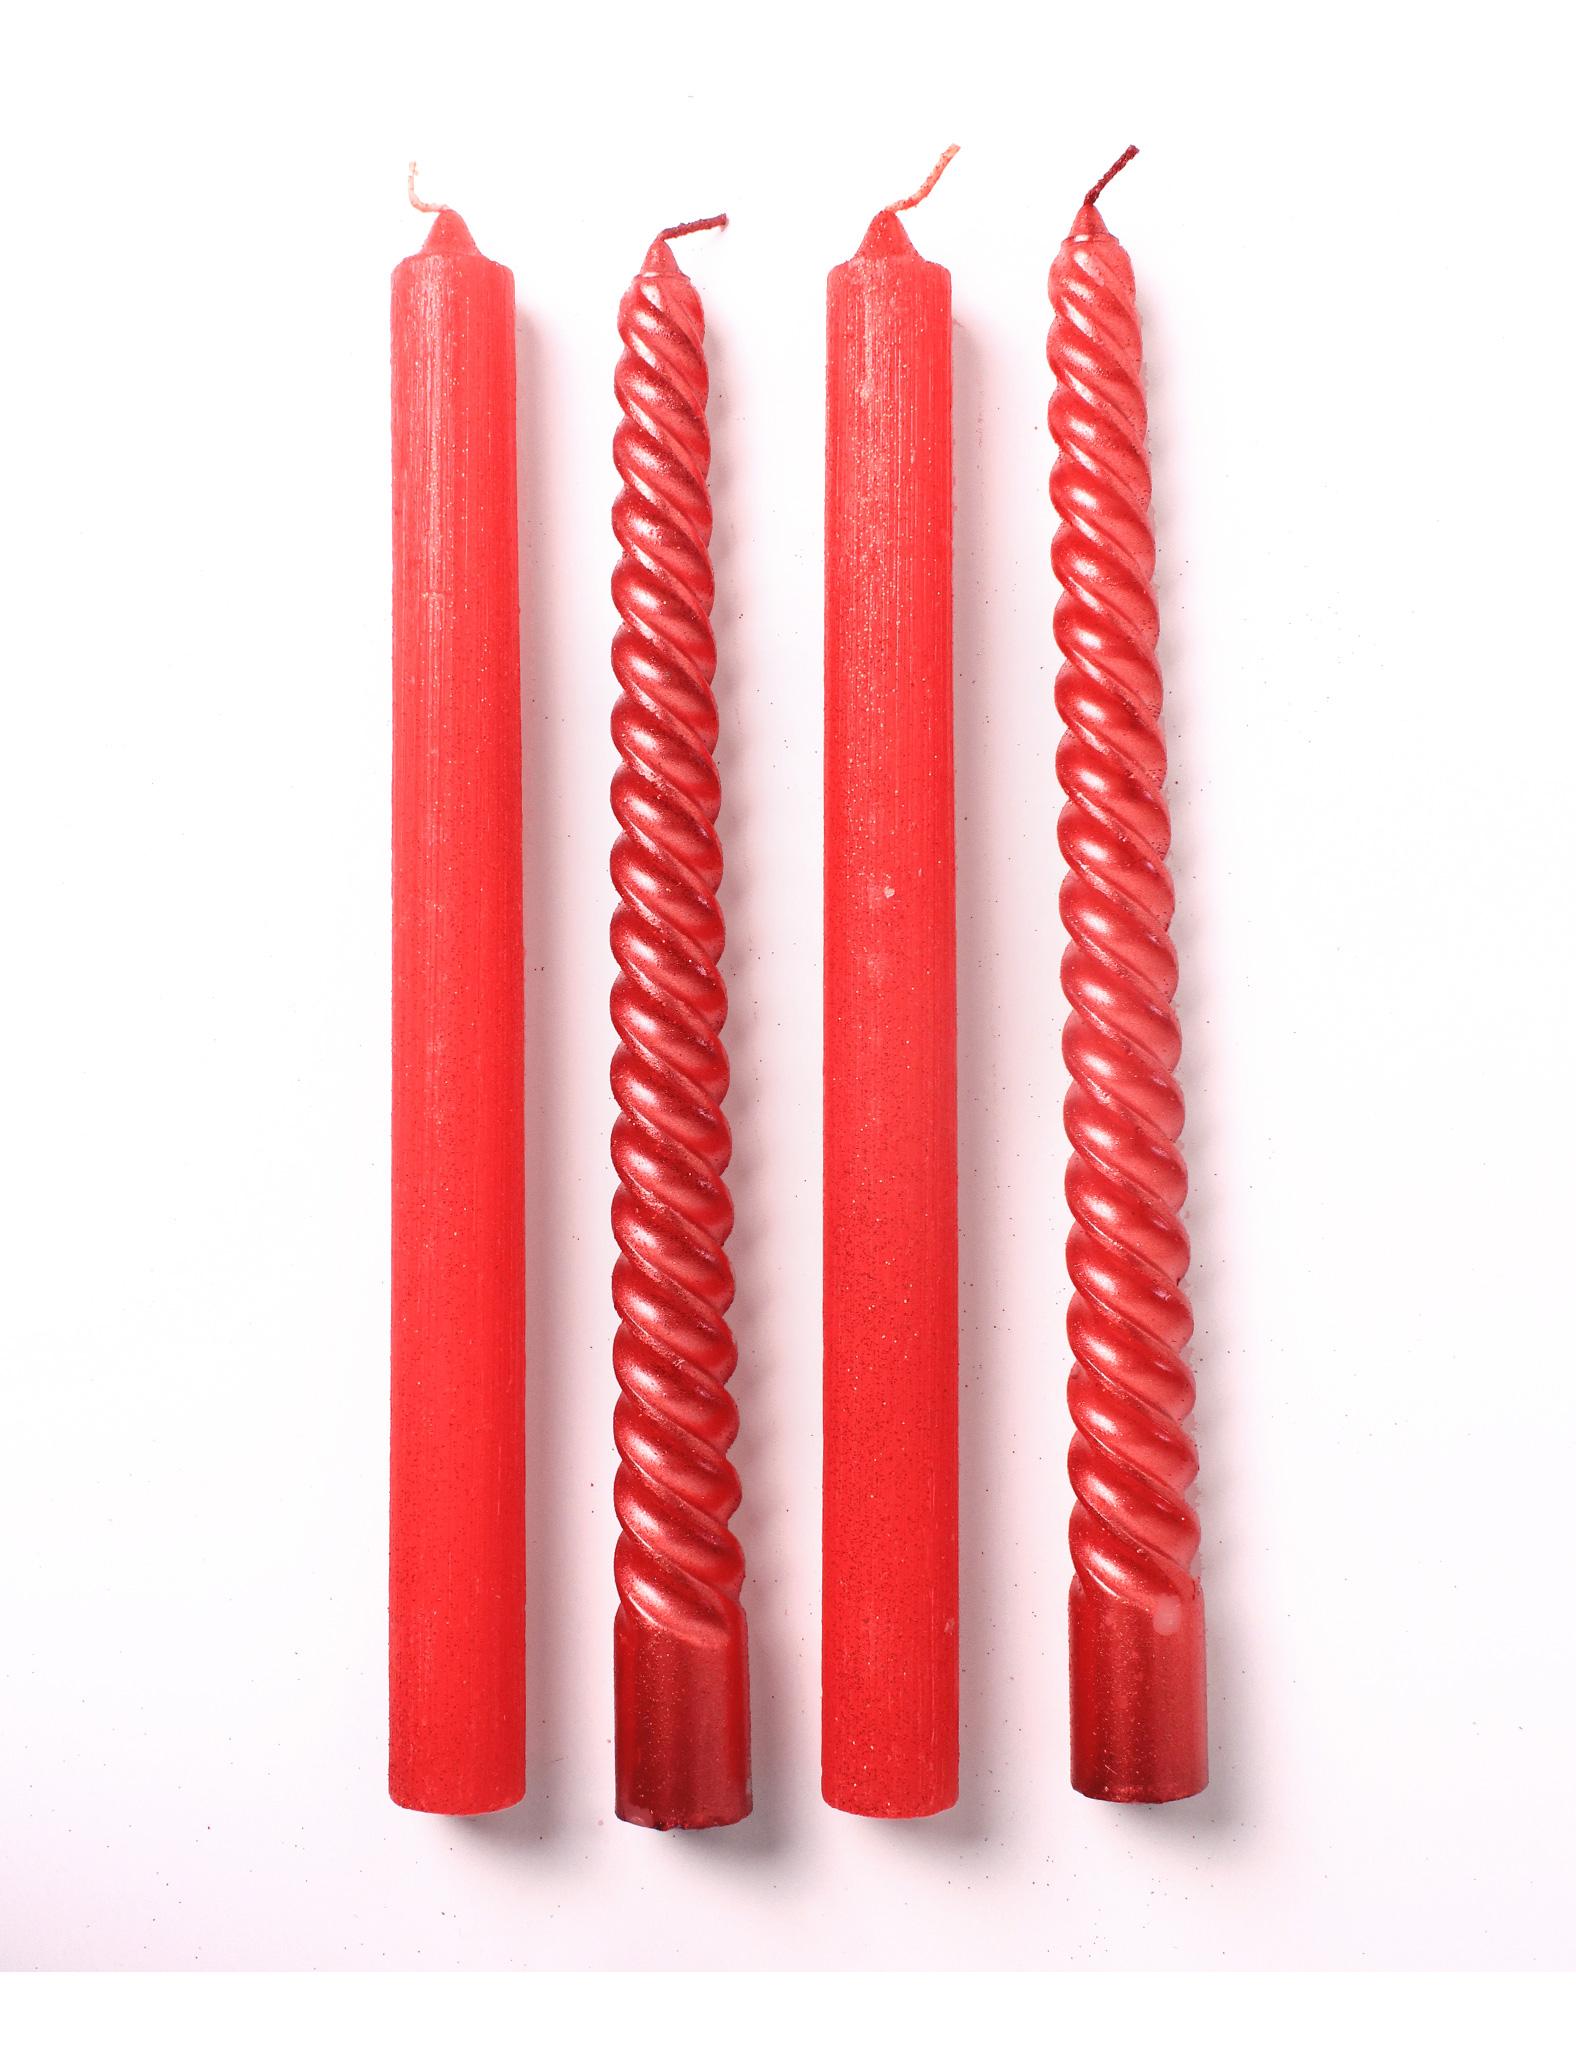 4 bougies rouges pour chandelier d coration anniversaire. Black Bedroom Furniture Sets. Home Design Ideas